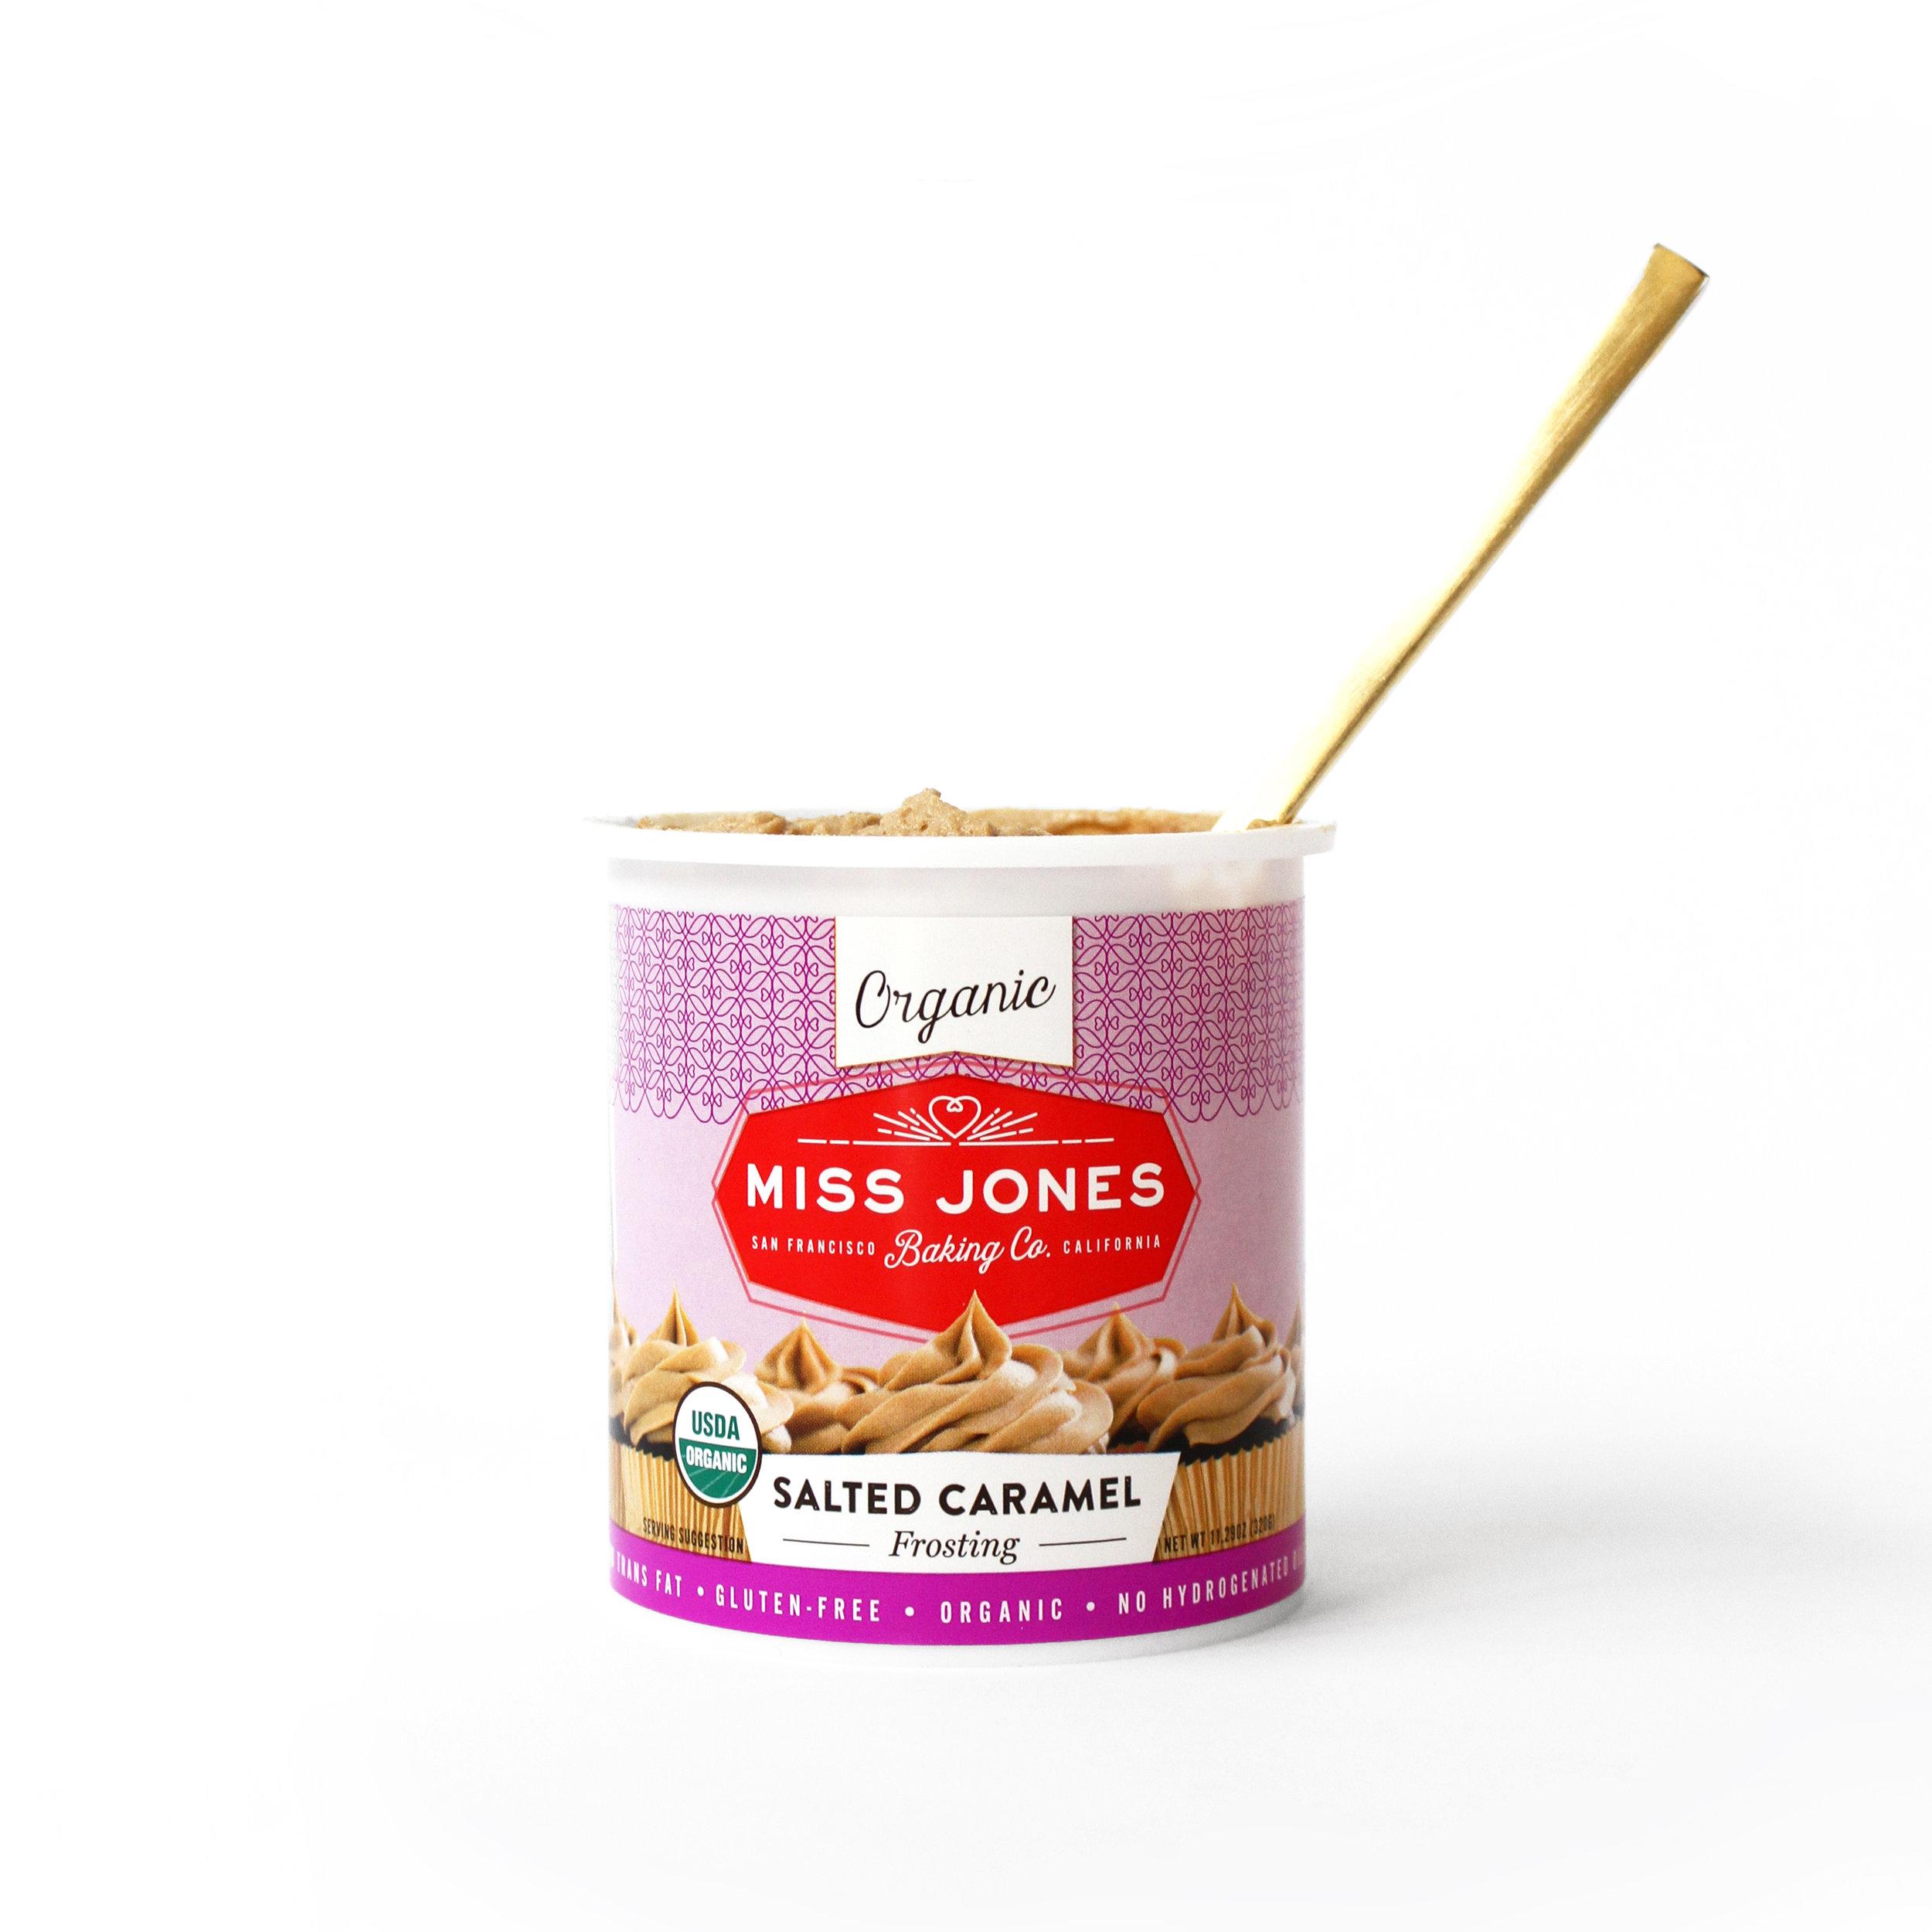 Packaging for Miss Jones